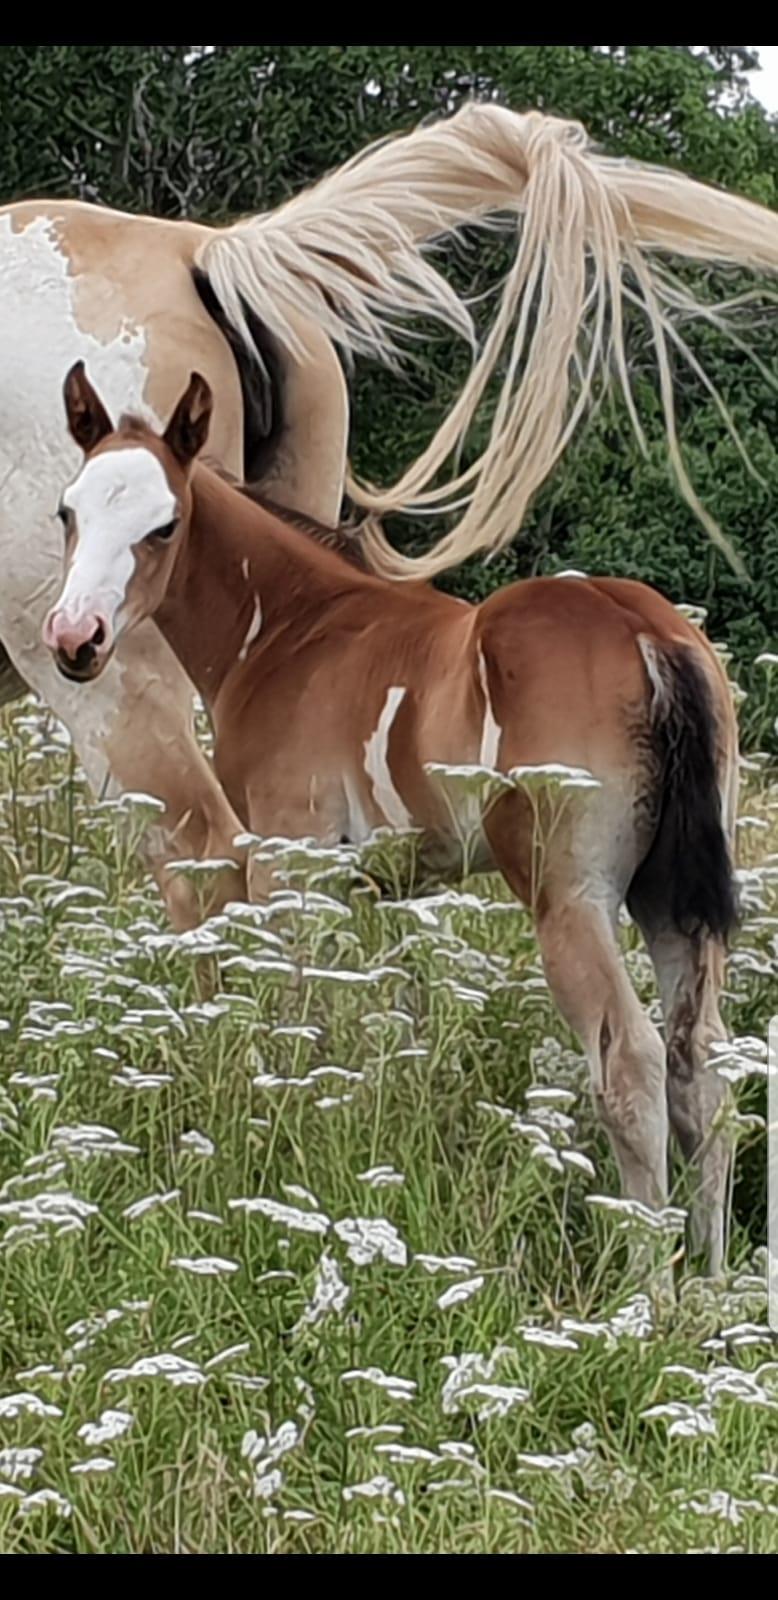 Jungle Diamond - Poulain PP APaint Horse Overo PP APHC et SIRE